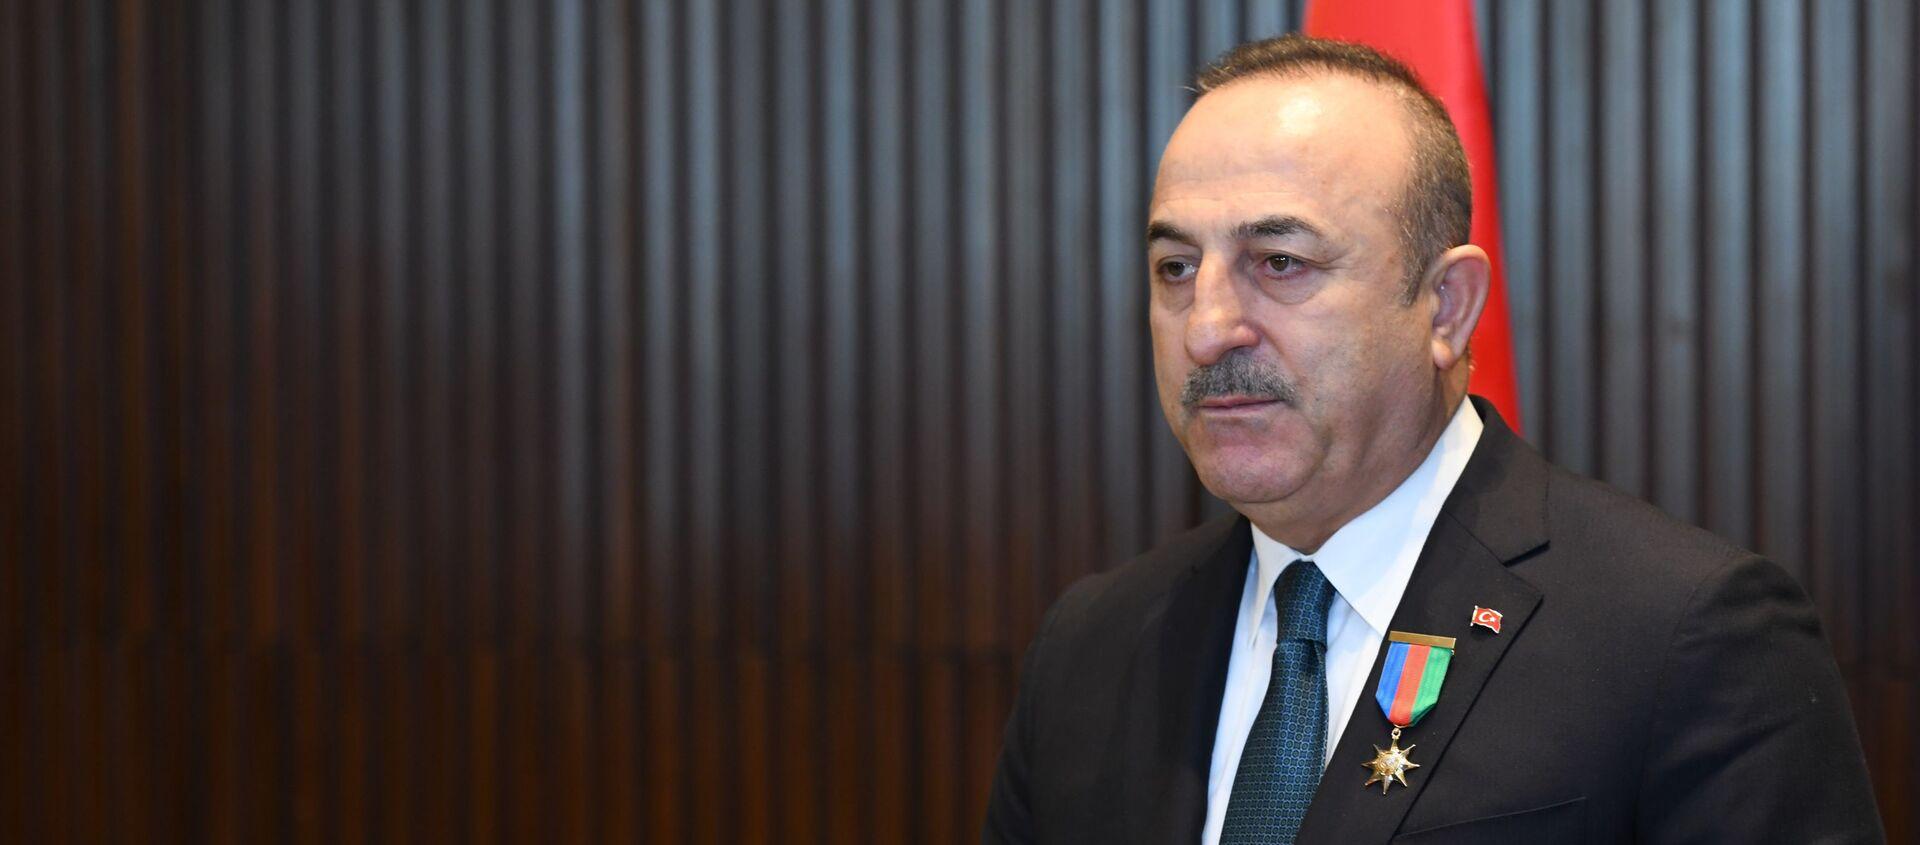 Министр иностранных дел Турции Мевлют Чавушоглу - Sputnik Азербайджан, 1920, 23.02.2021